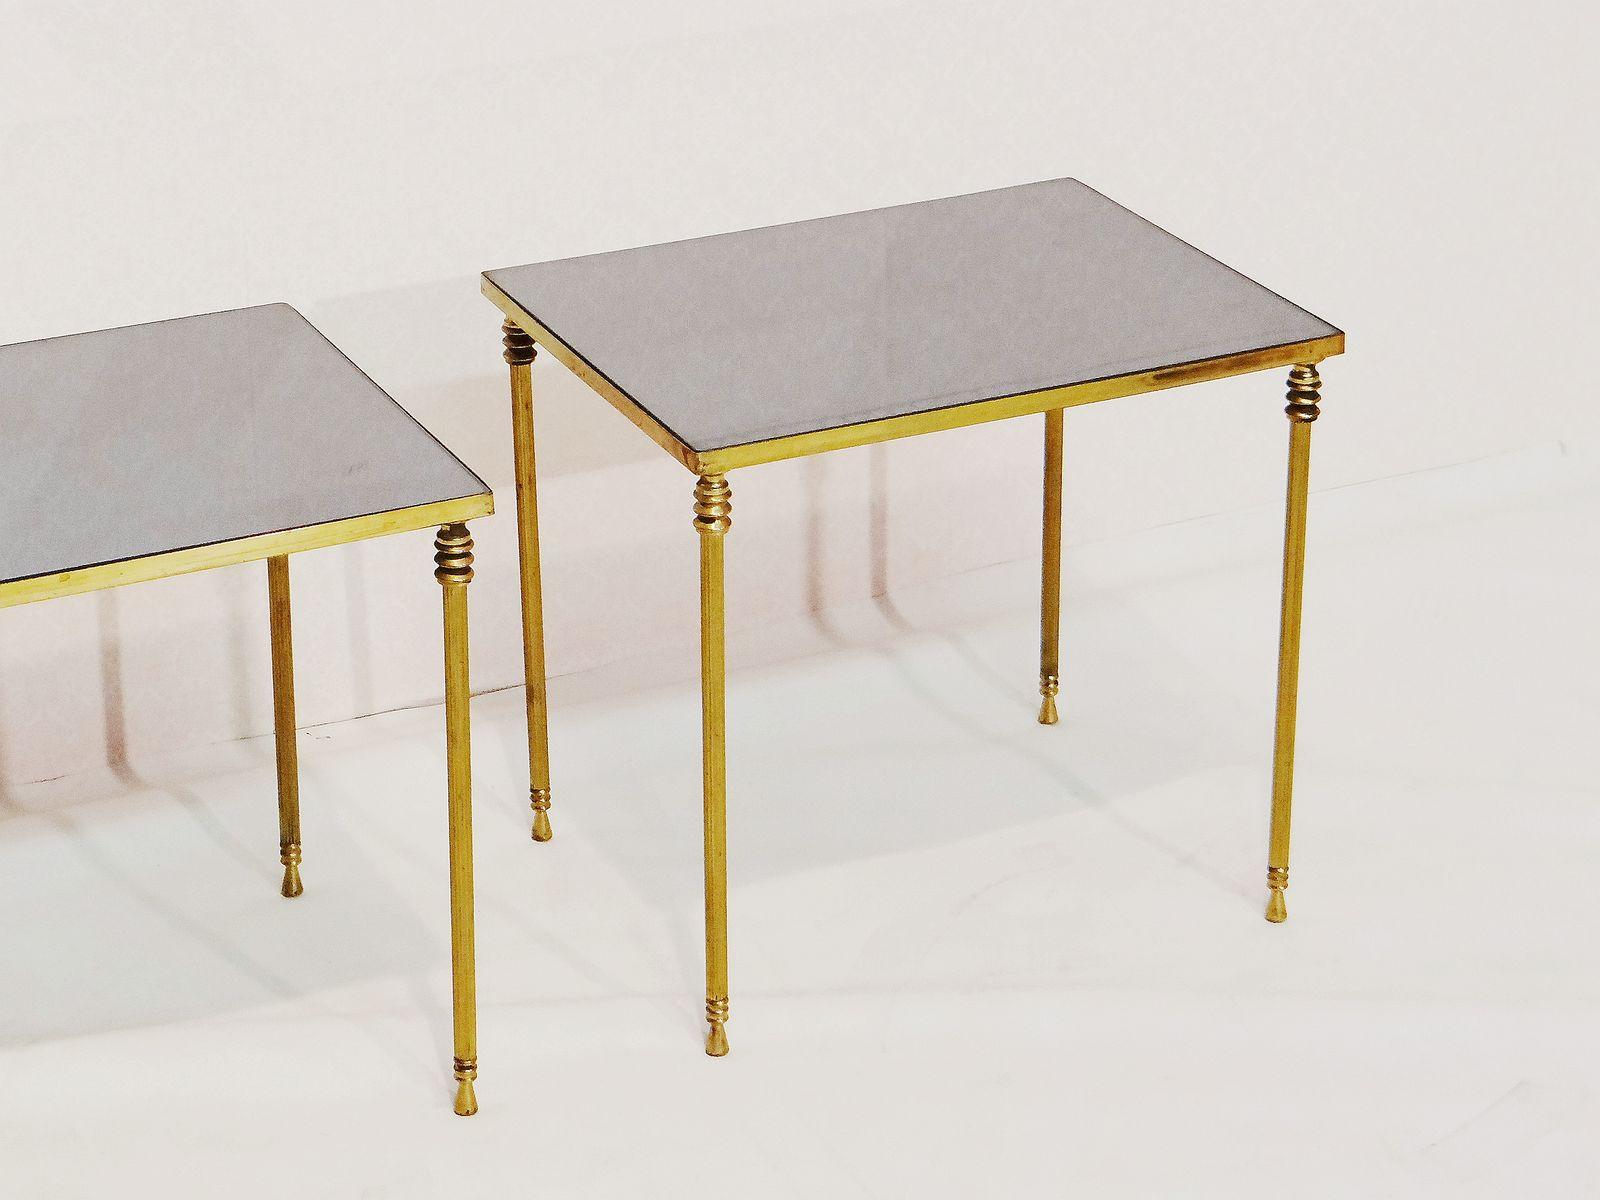 tables d 39 appoint vintage par maison jansen set de 2 en. Black Bedroom Furniture Sets. Home Design Ideas